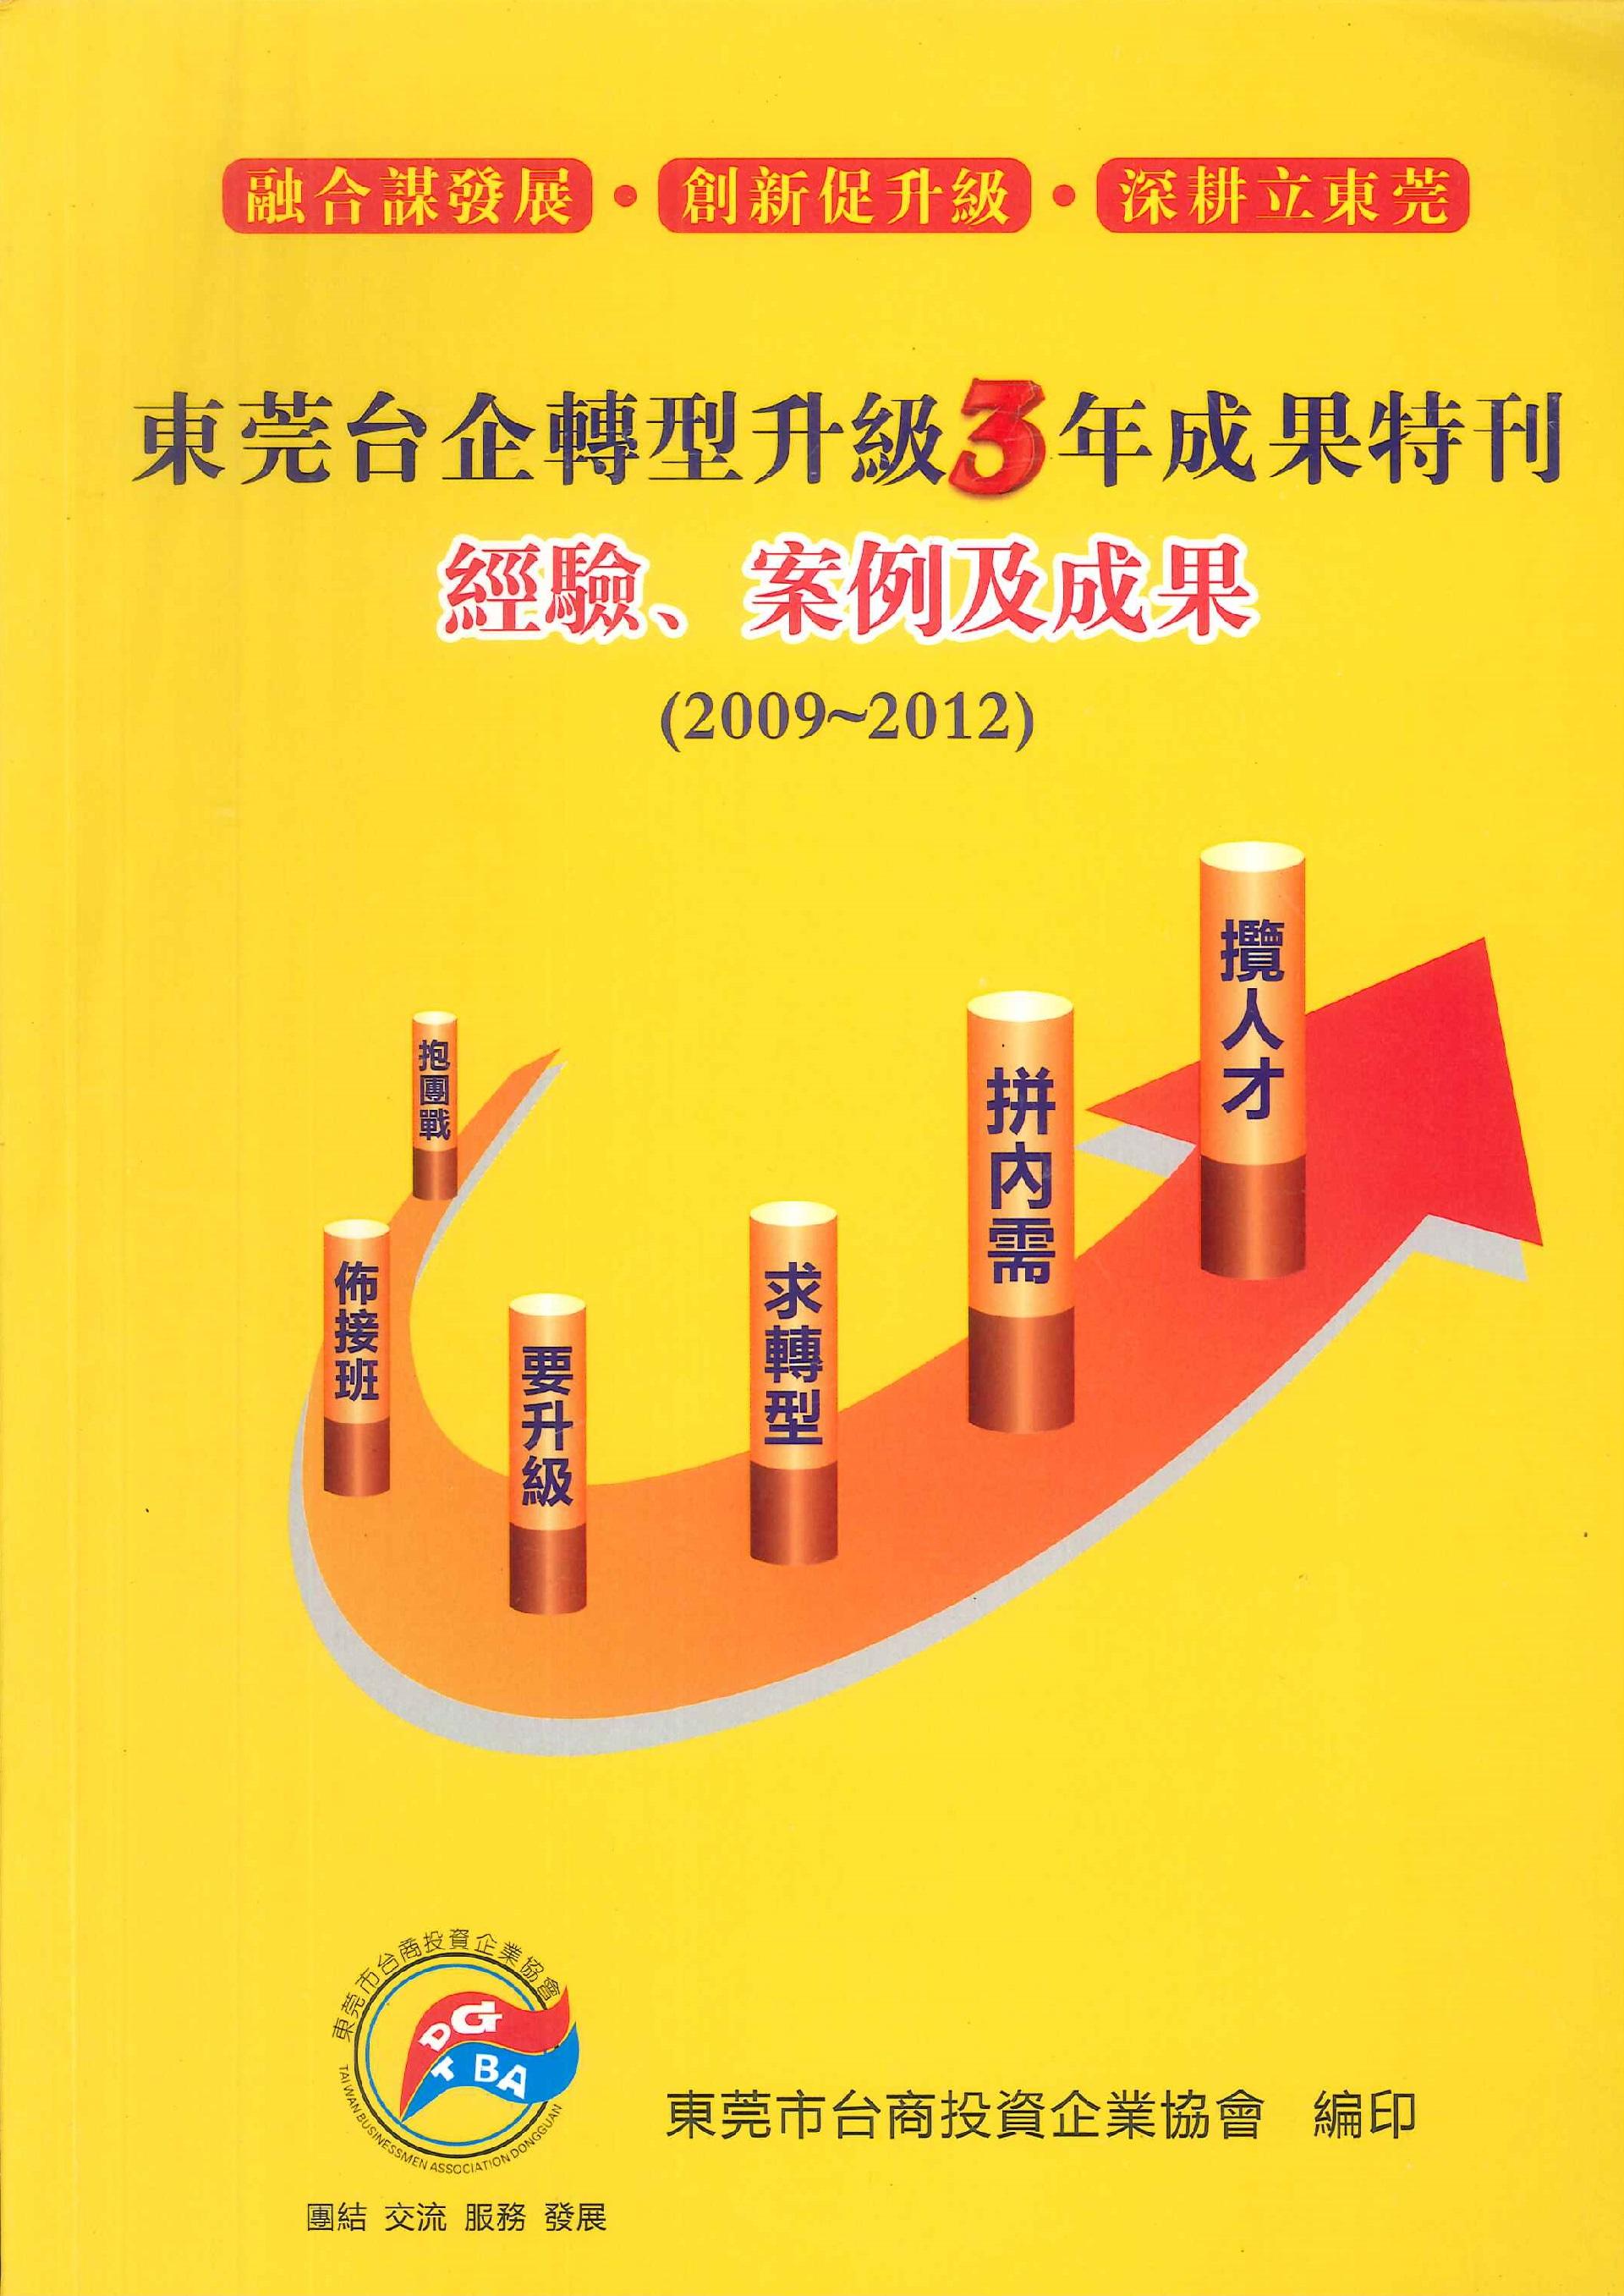 東莞台企轉型升級3年成果特刊.2009~2012:經驗、案例及成果